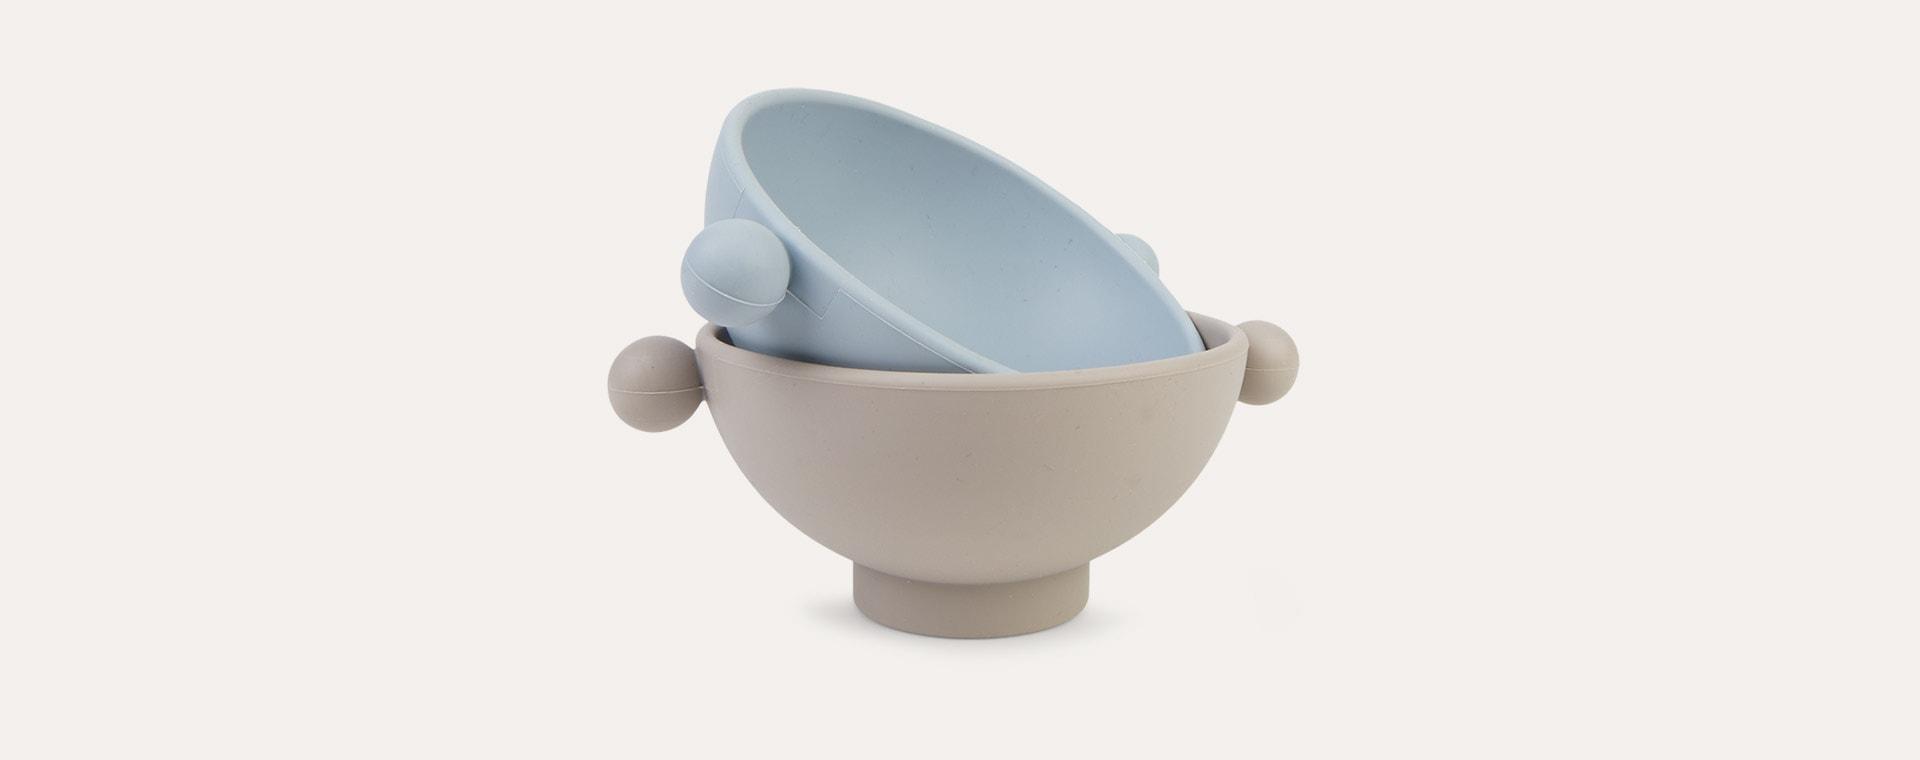 Dusty Blue/Clay OYOY Tiny Inka Bowl Set of 2